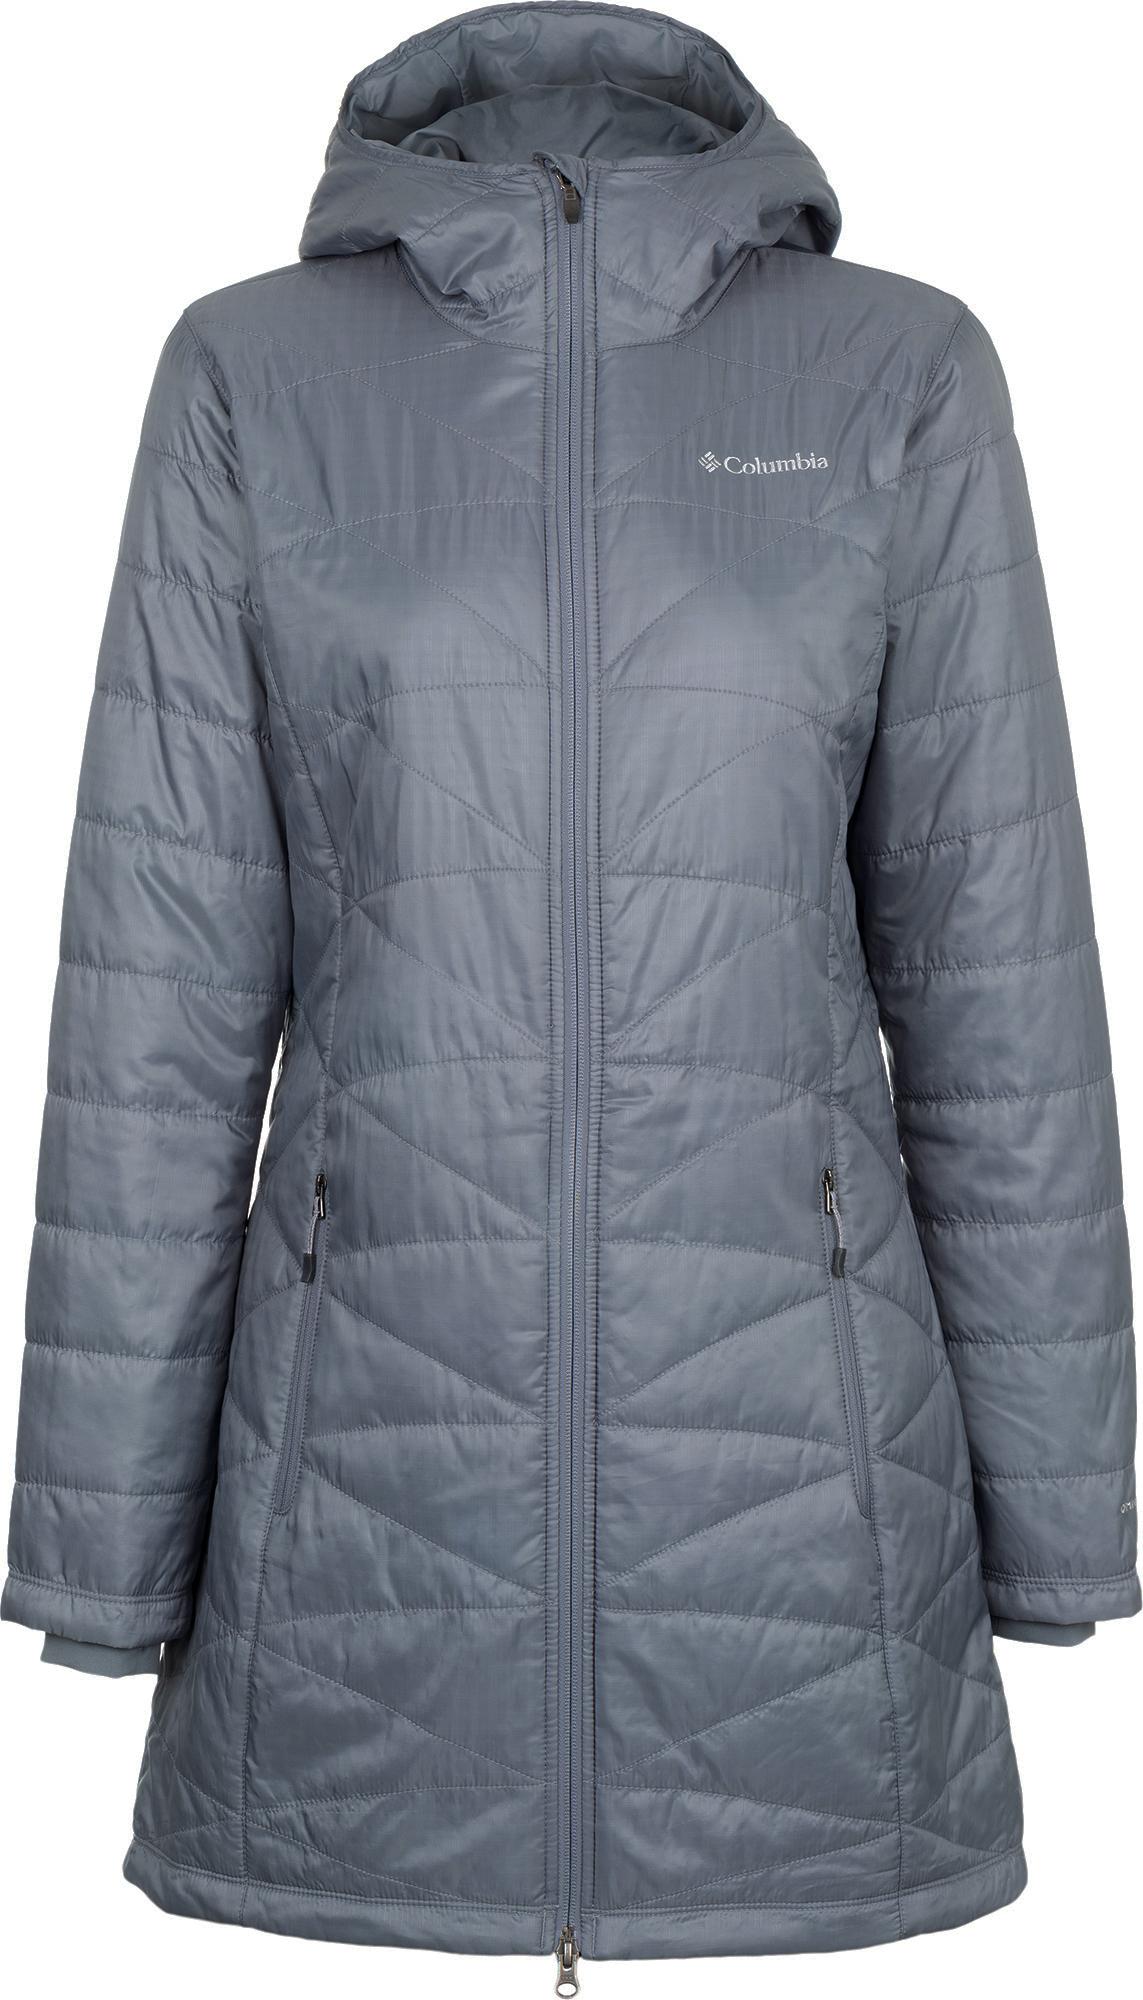 Columbia Куртка утепленная женская Columbia Mighty Lite columbia куртка утепленная для девочек columbia horizon ride